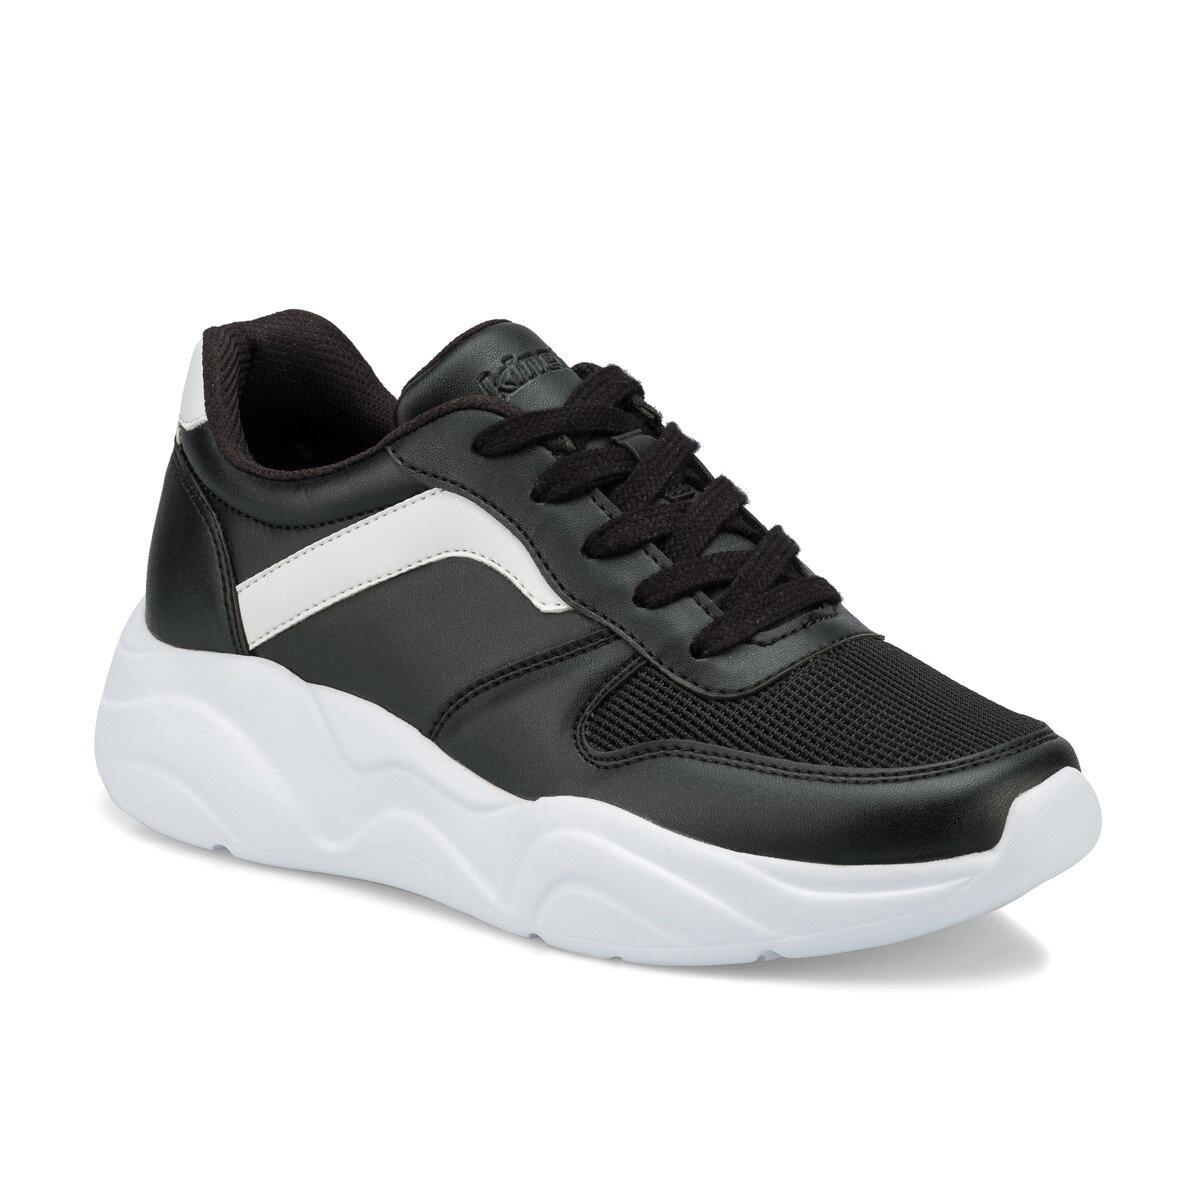 FLO ALTA Black Women 'S Sneaker Shoes KINETIX